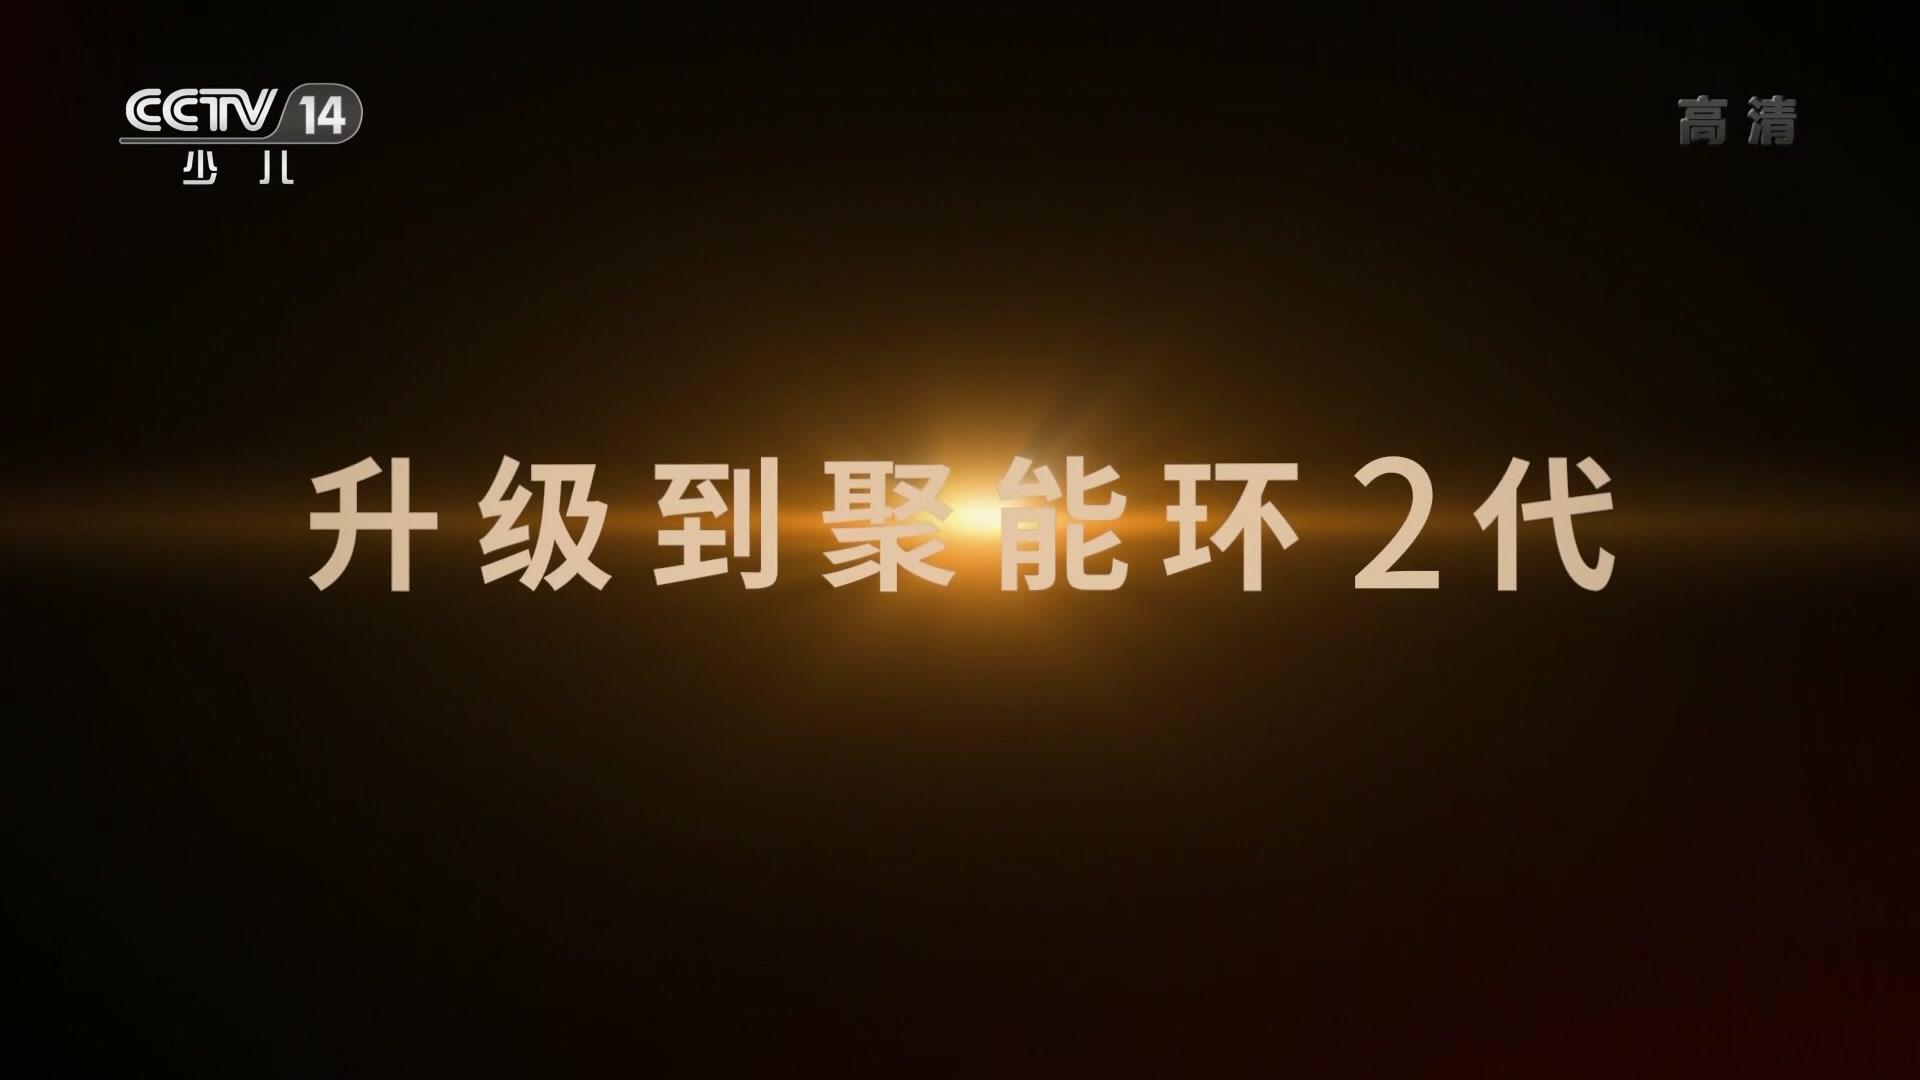 央视广告欣赏-南孚聚能环2代电池-2